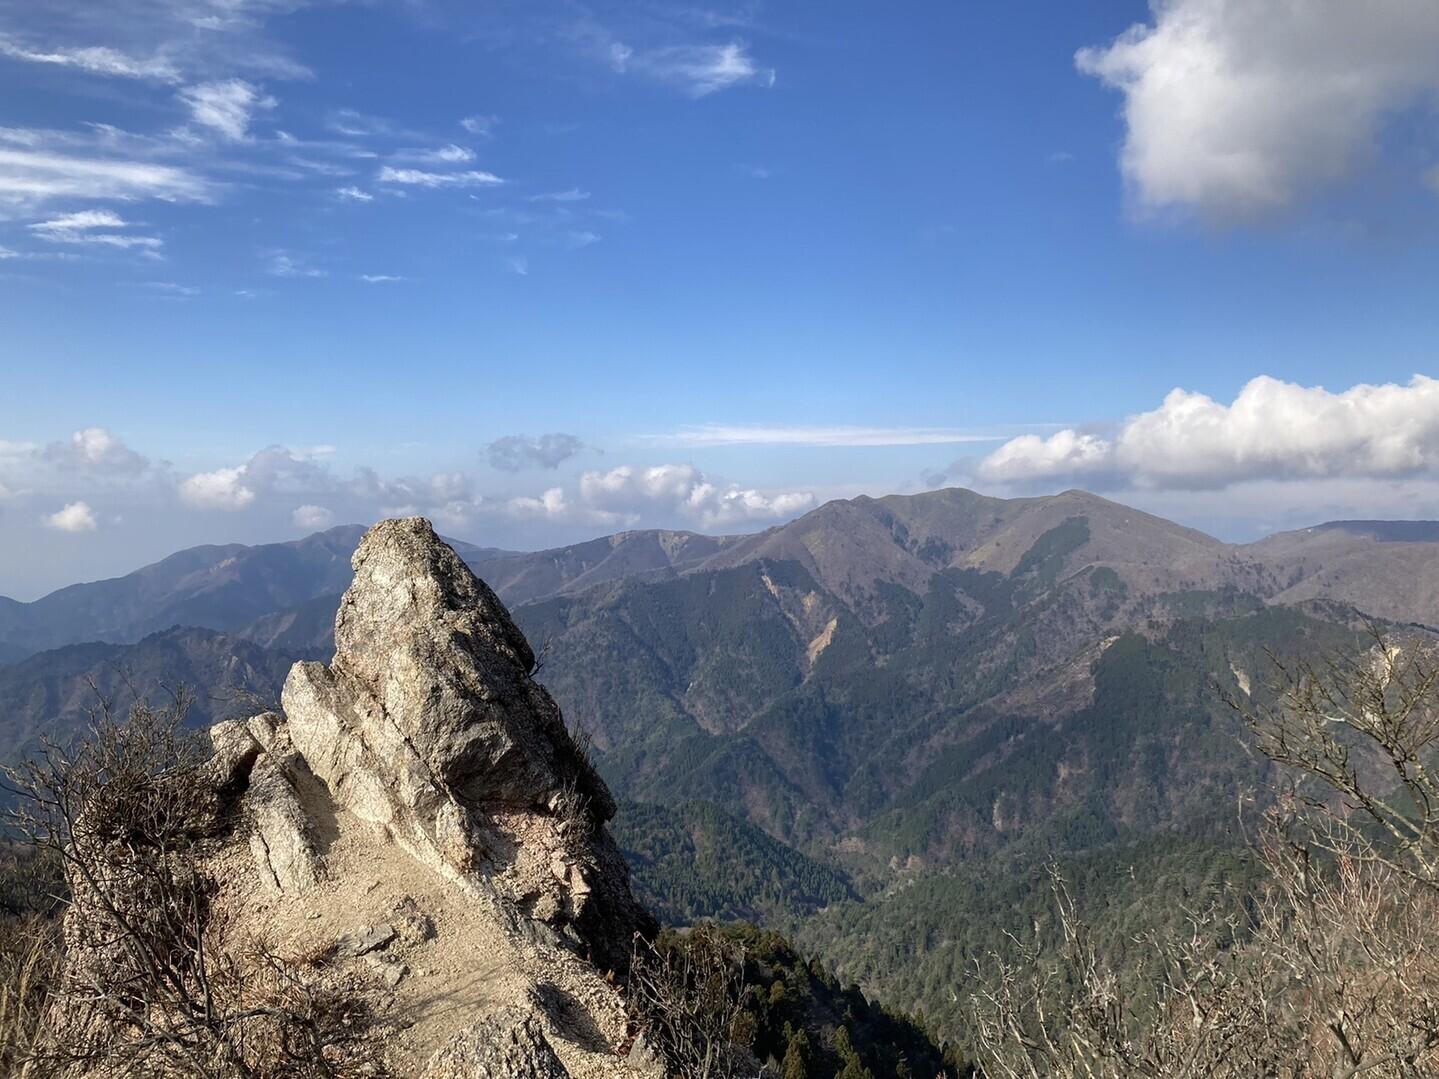 水沢岳(宮越山)登山ルートの写真